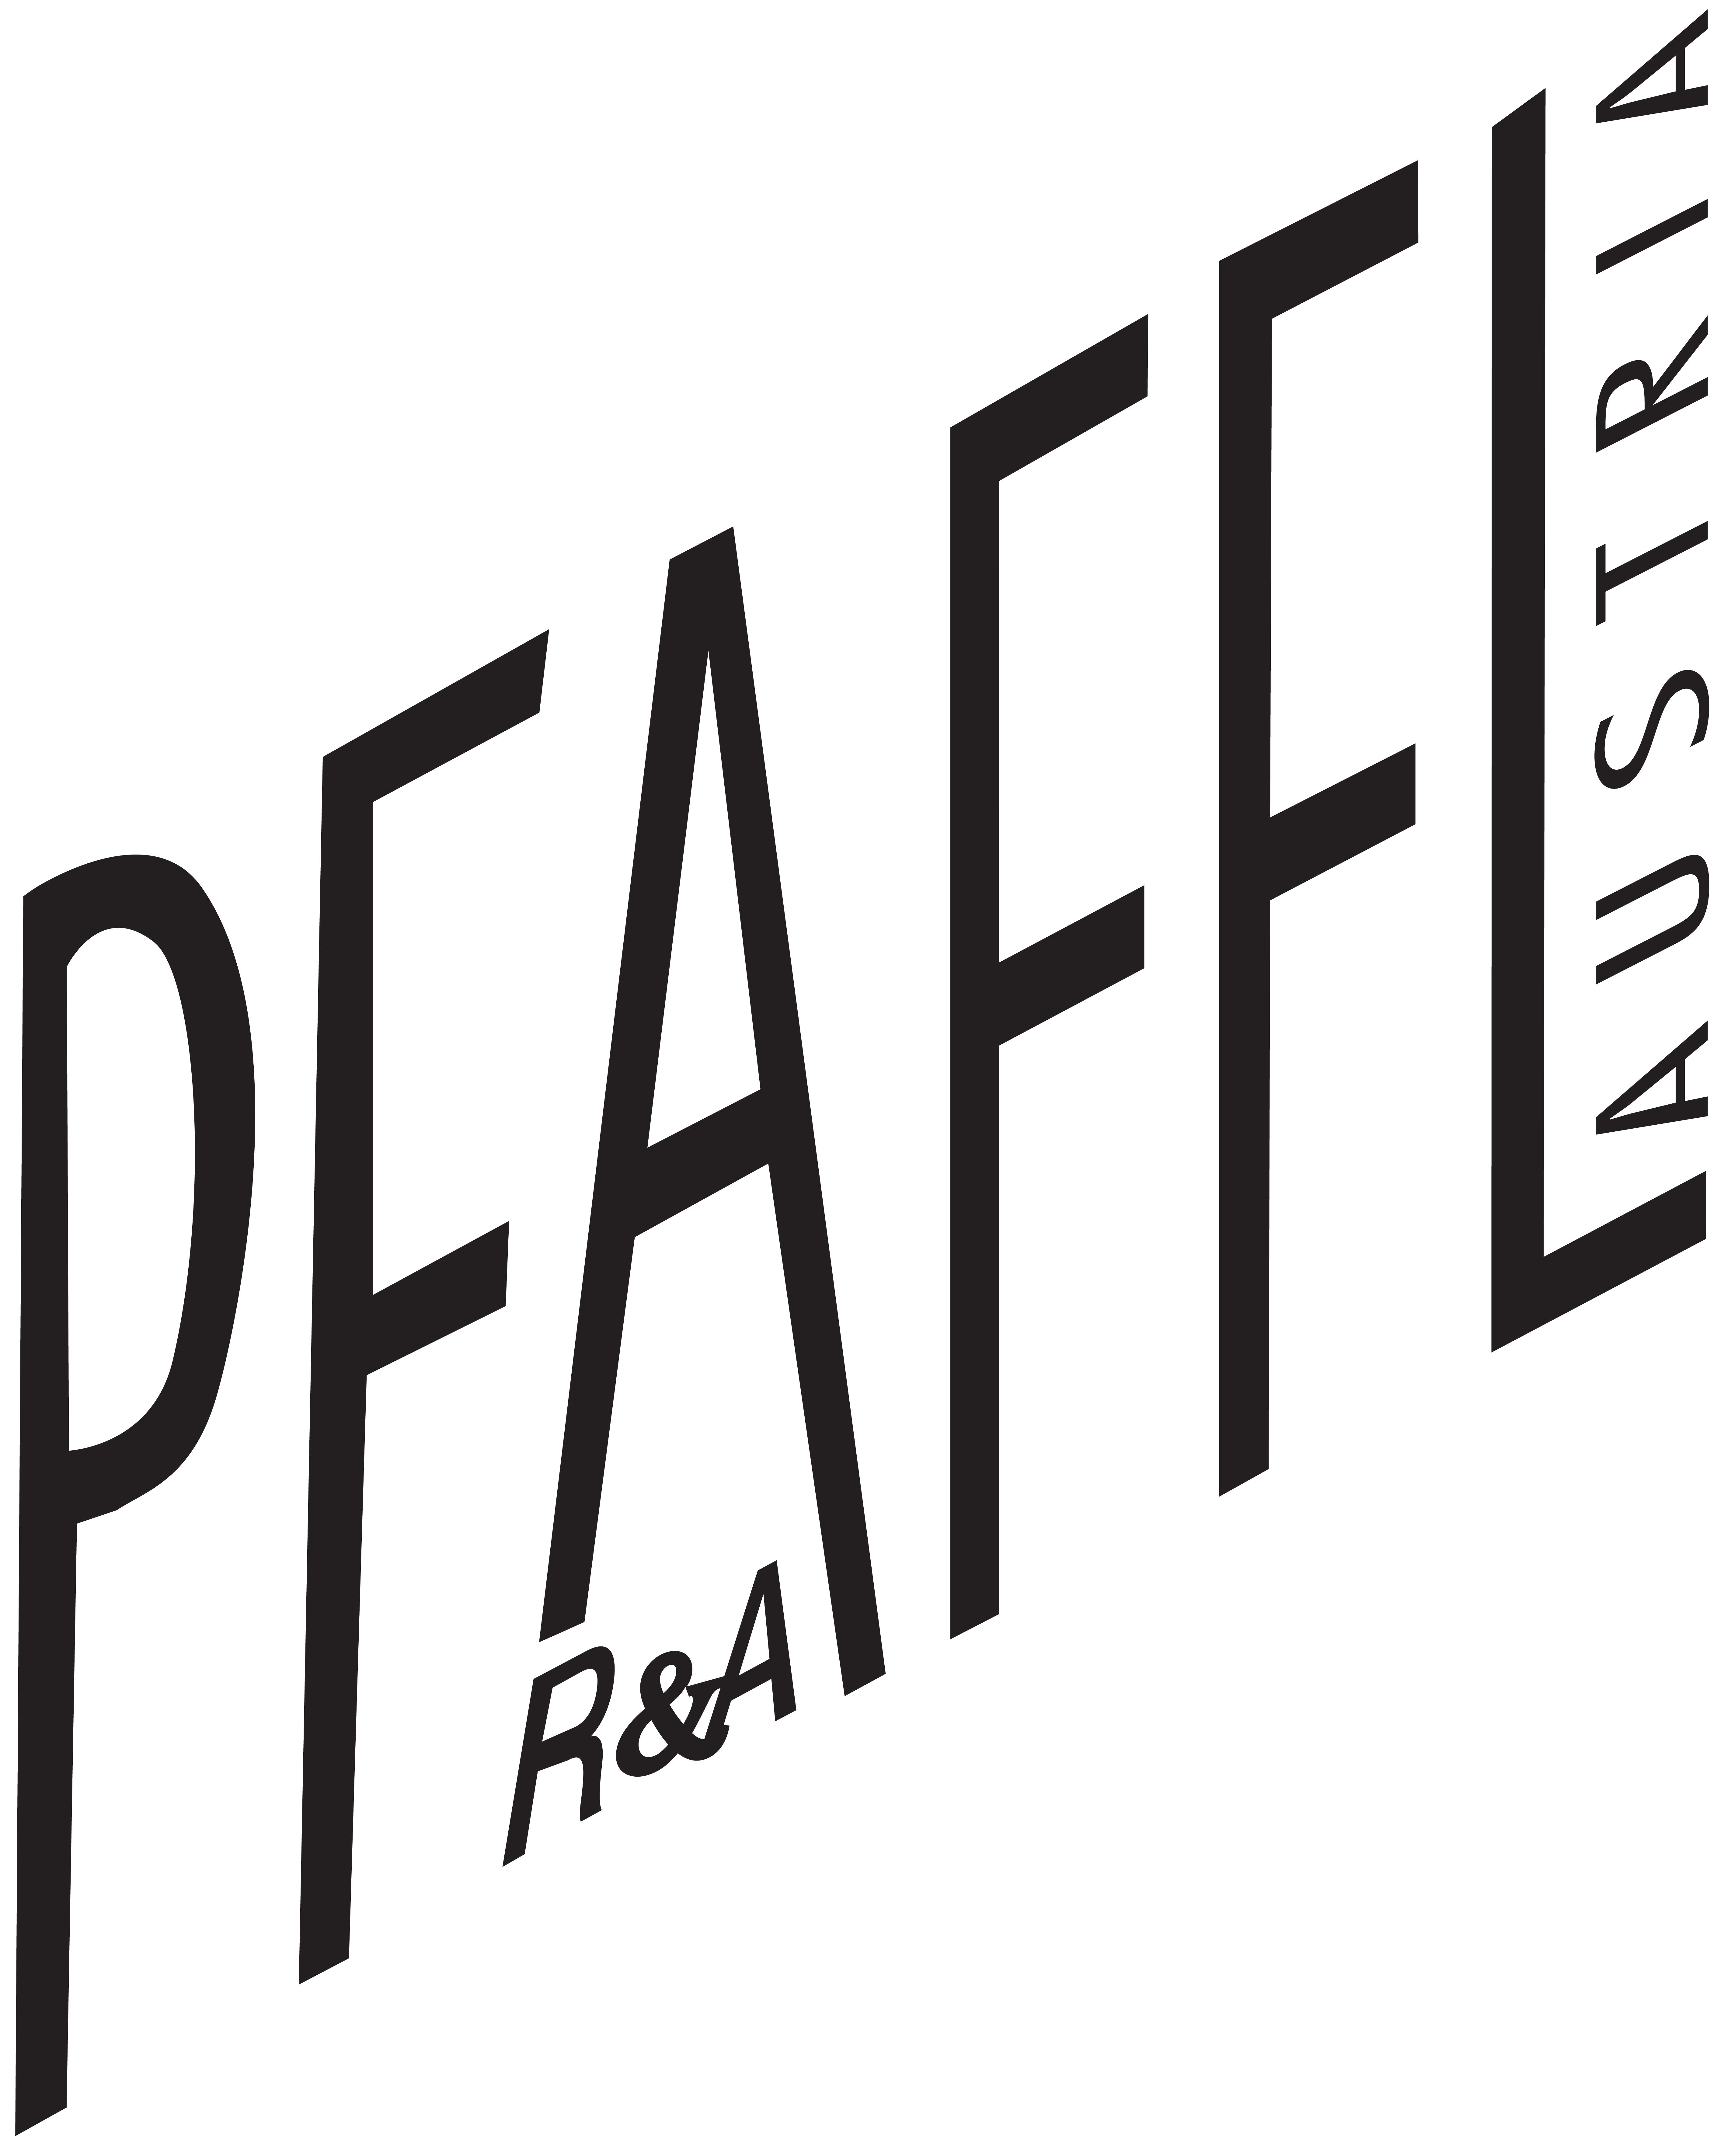 Weingut R&A Pfaffl